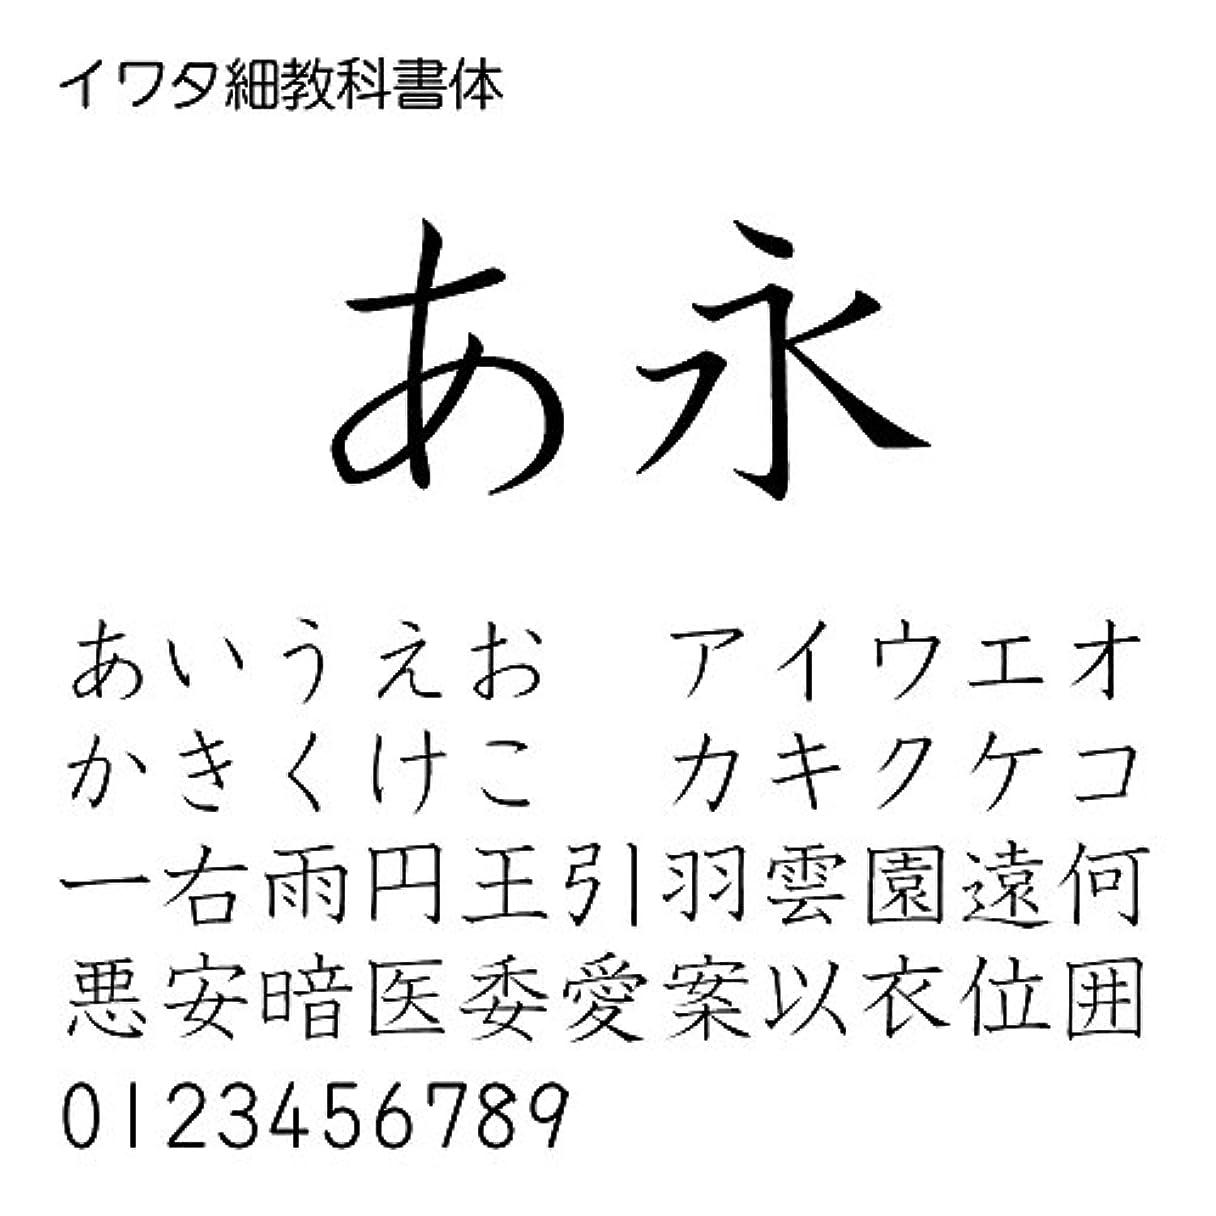 イワタ細教科書体Pro OpenType Font for Windows [ダウンロード]